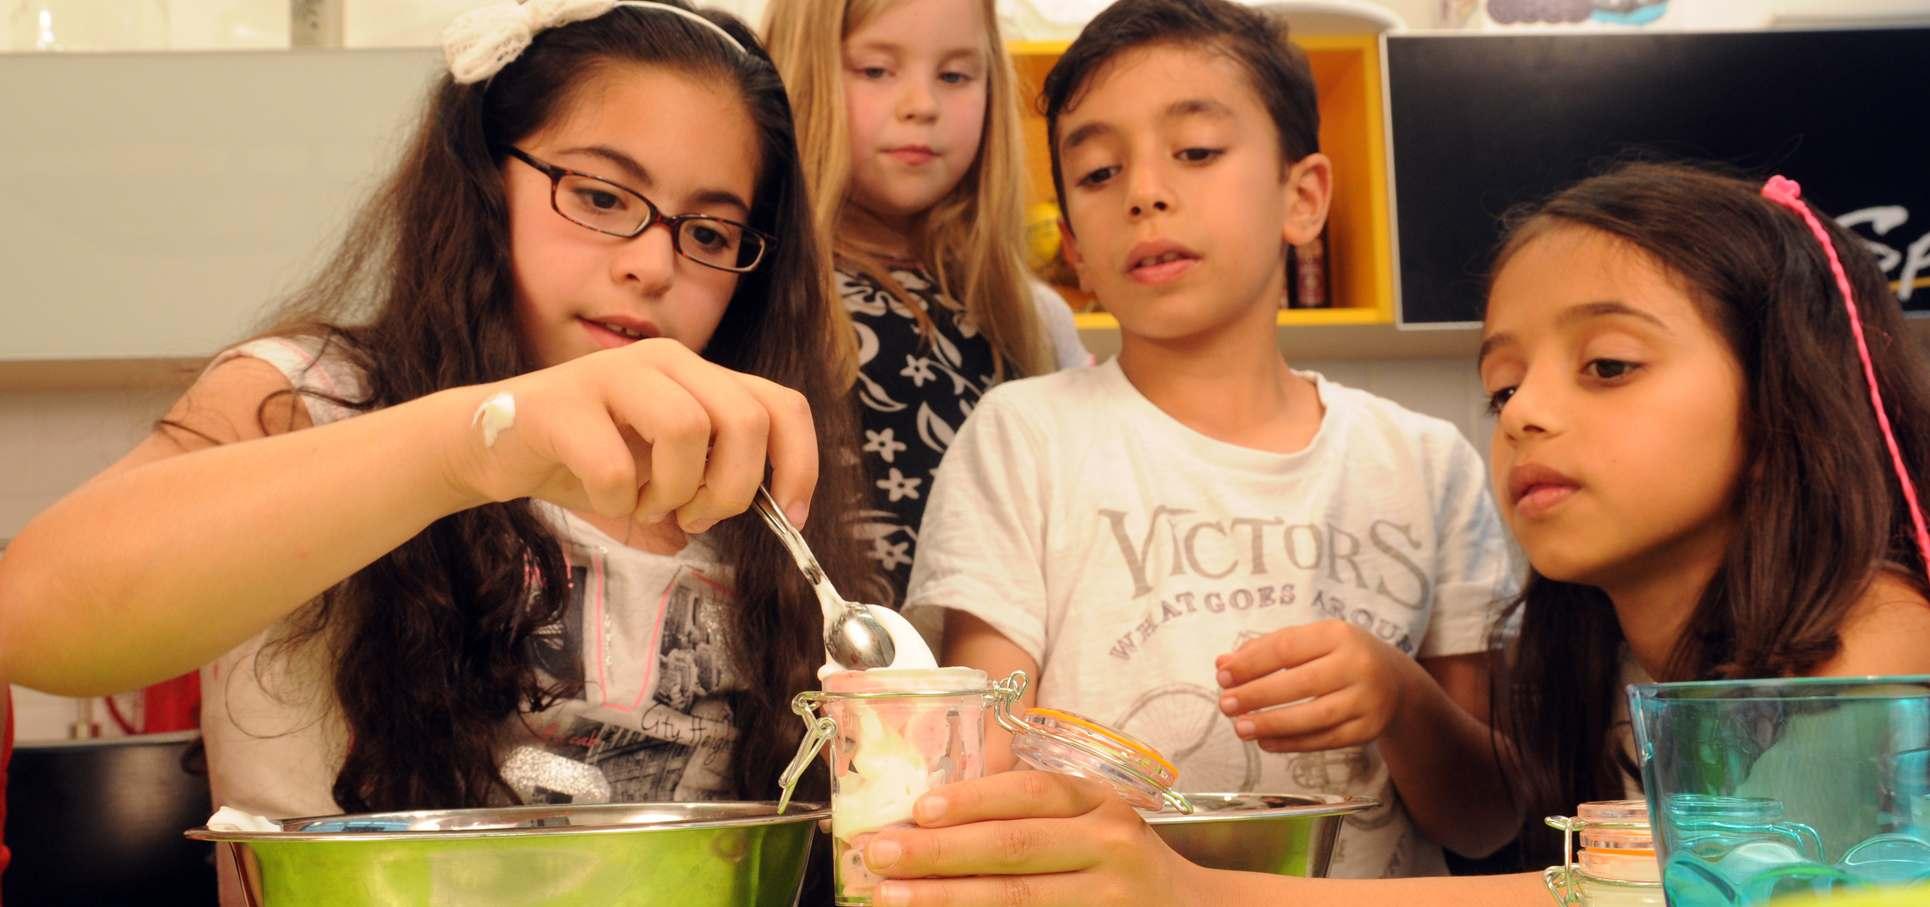 סדנאת בישול ליום הולדת לילדים